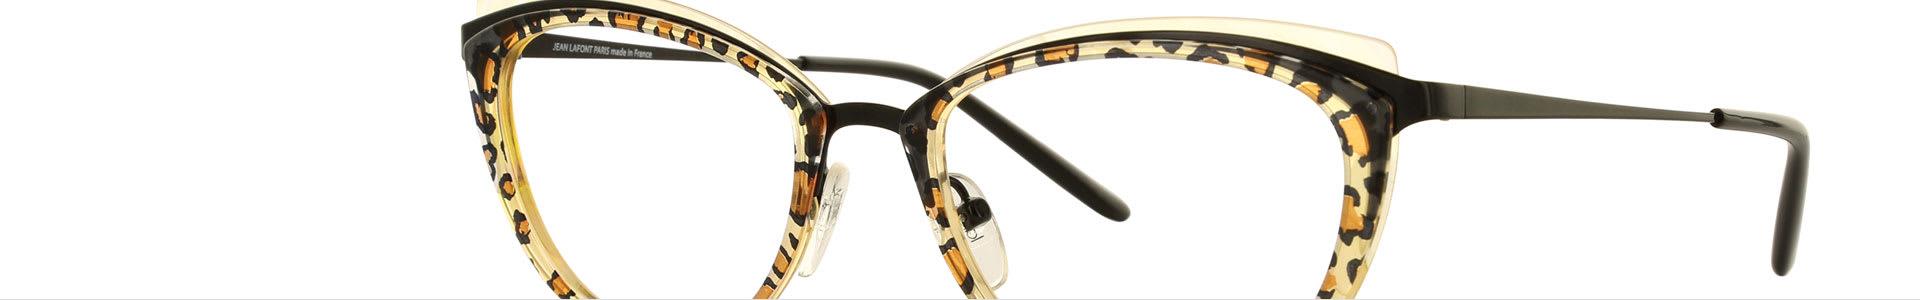 Top Animal Print Eyeglasses